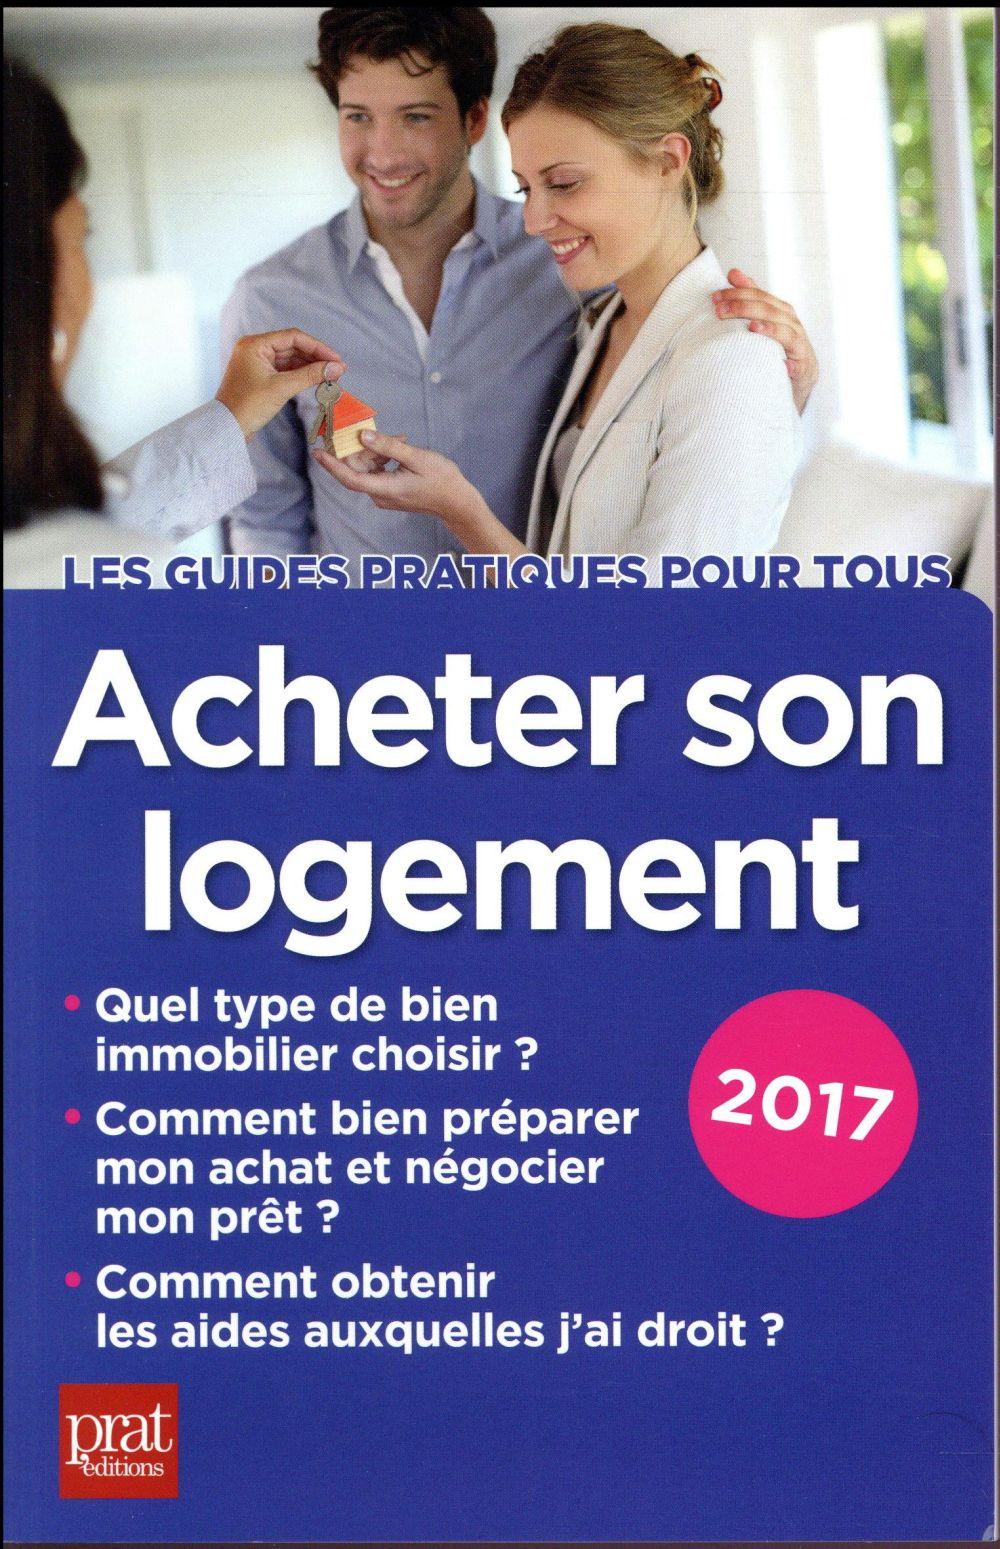 Acheter son logement (édition 2017)